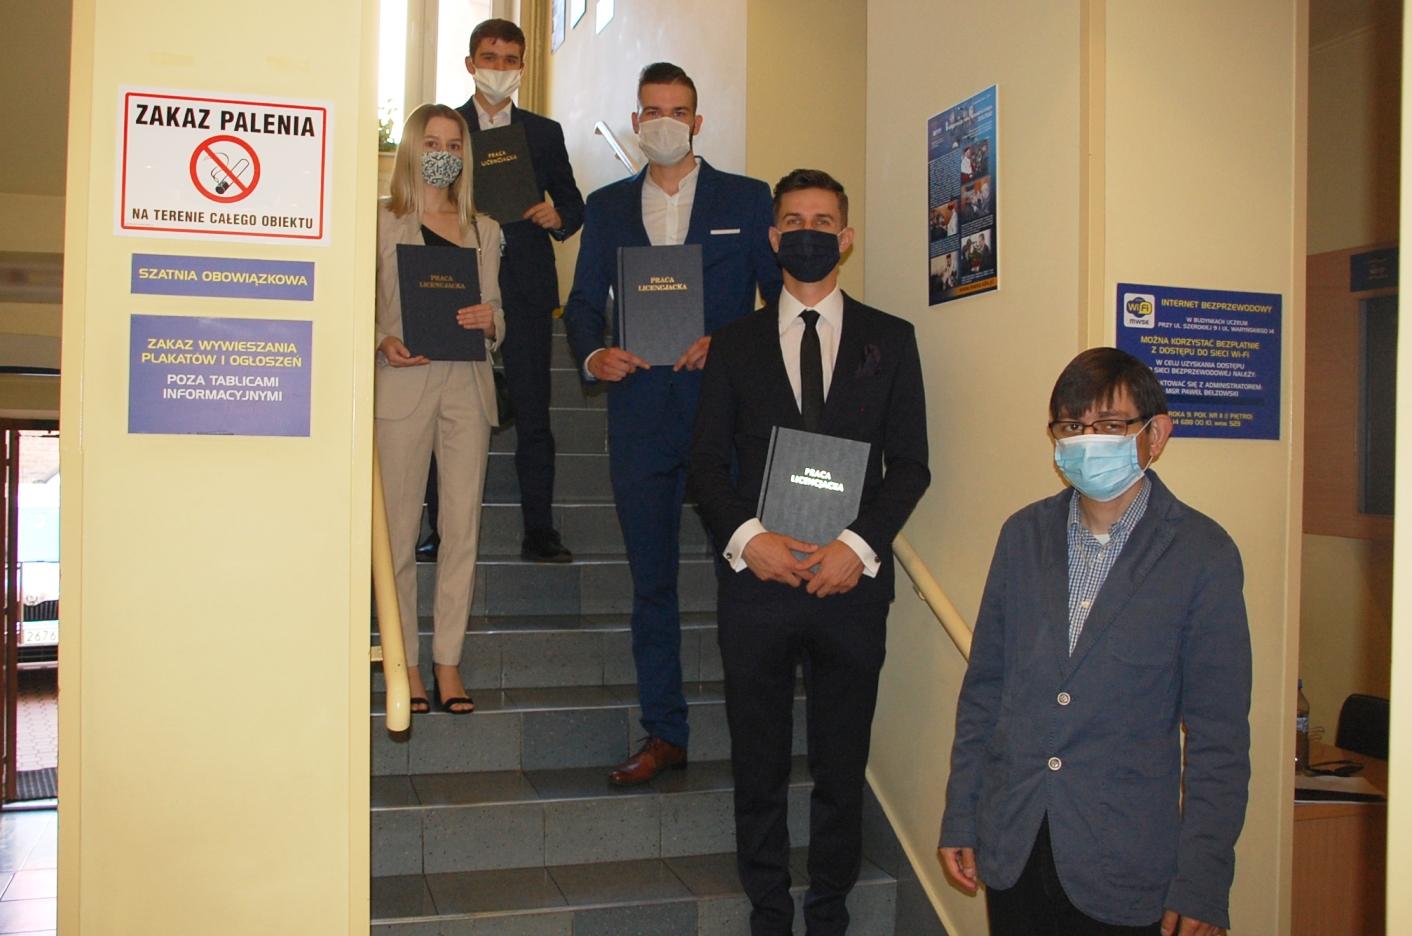 Czworo studentów na schodach budynku przy Szerokiej 9, z prawej stoi dr Michał Kozioł - promotor